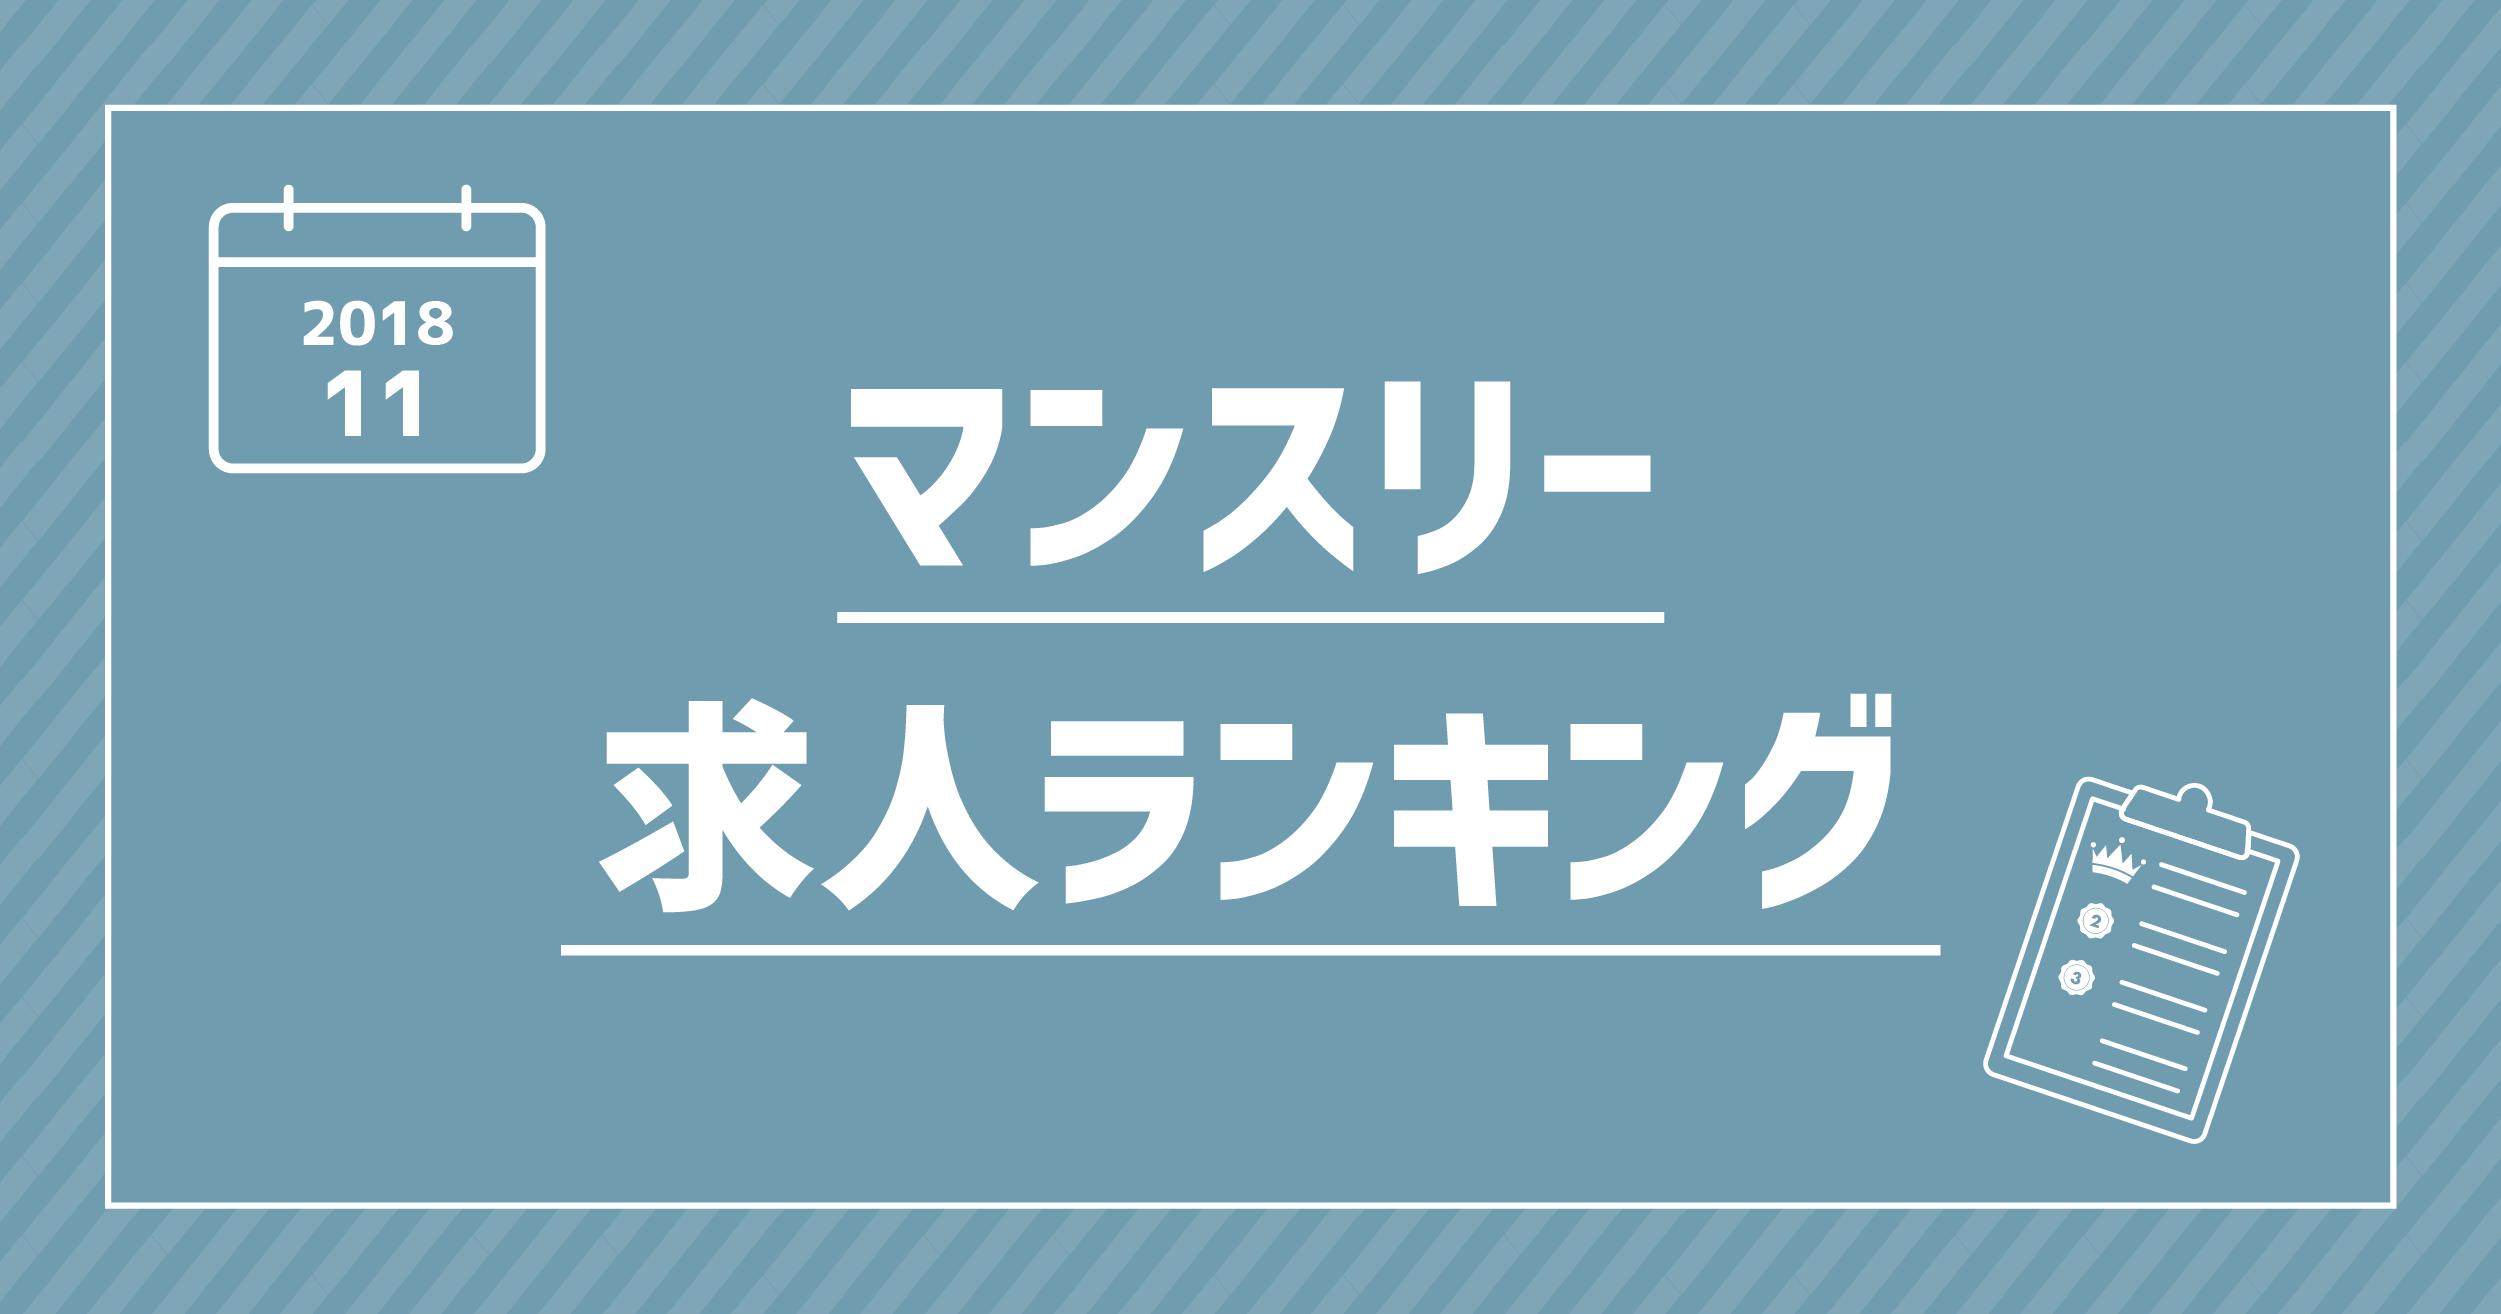 【2018年11月】マンスリー求人ランキング(求人掲載件数・平均給与額)